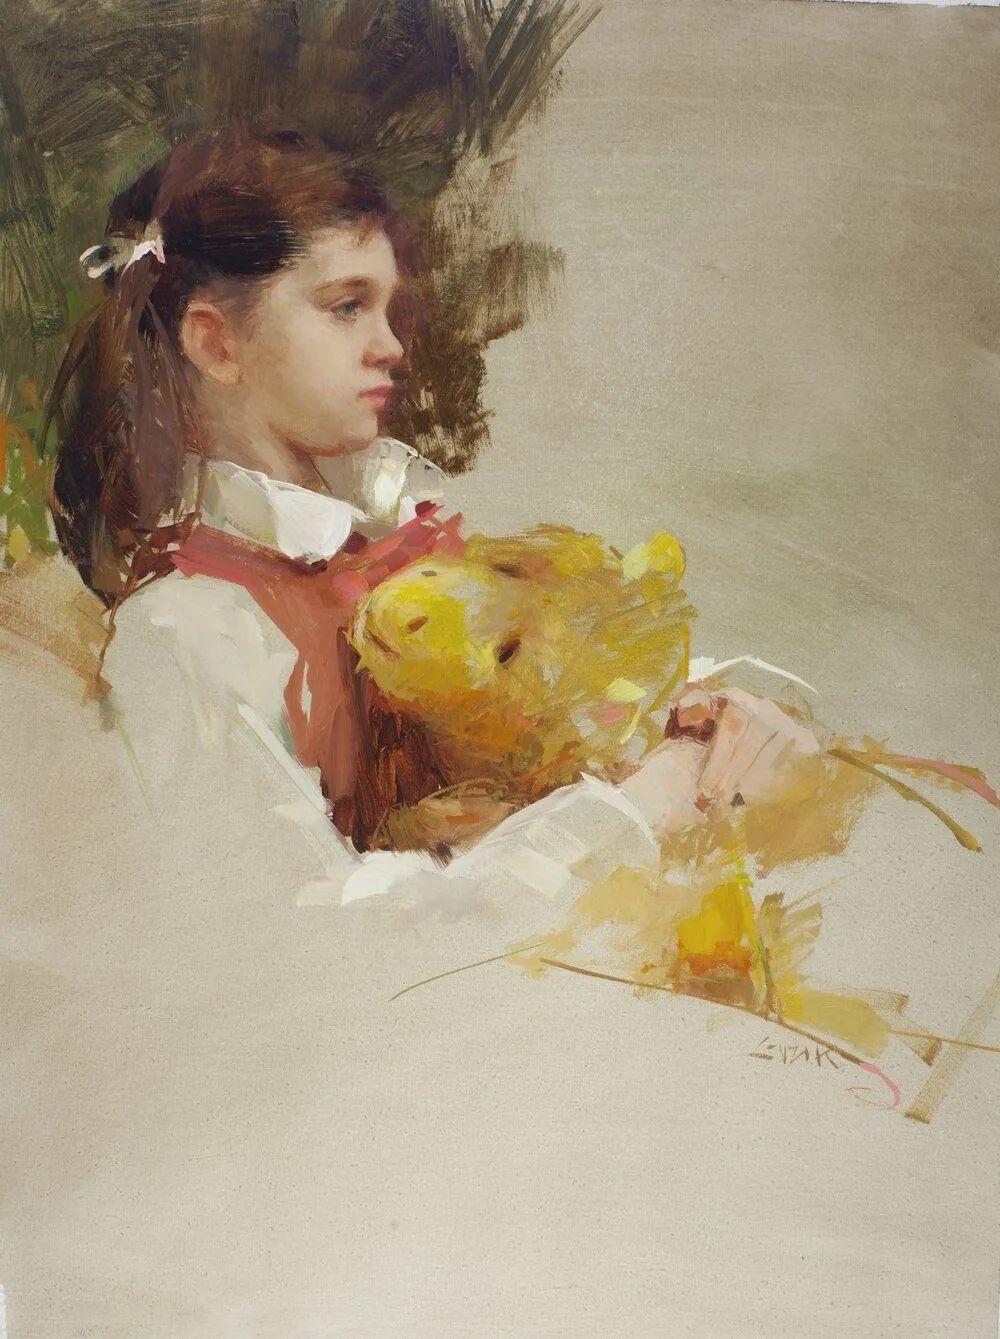 南希·古兹克笔下的花卉静物油画,爱了!插图119